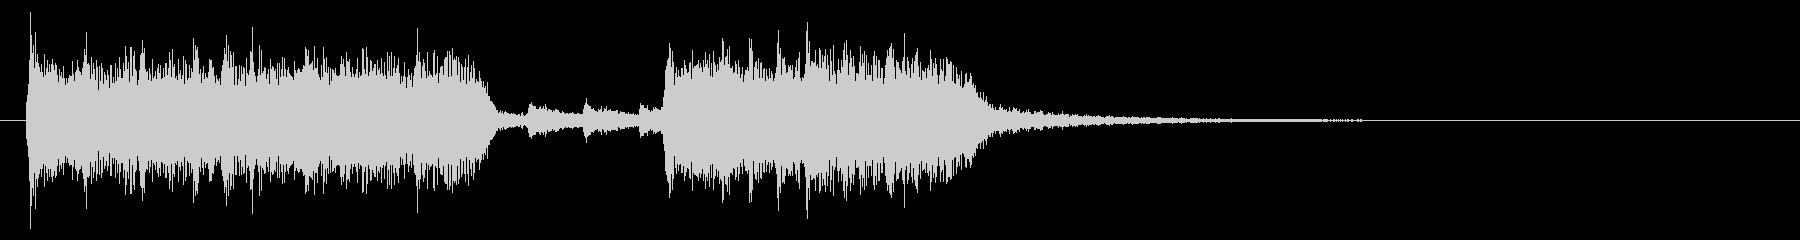 ジングル19、クールなハードロックの未再生の波形